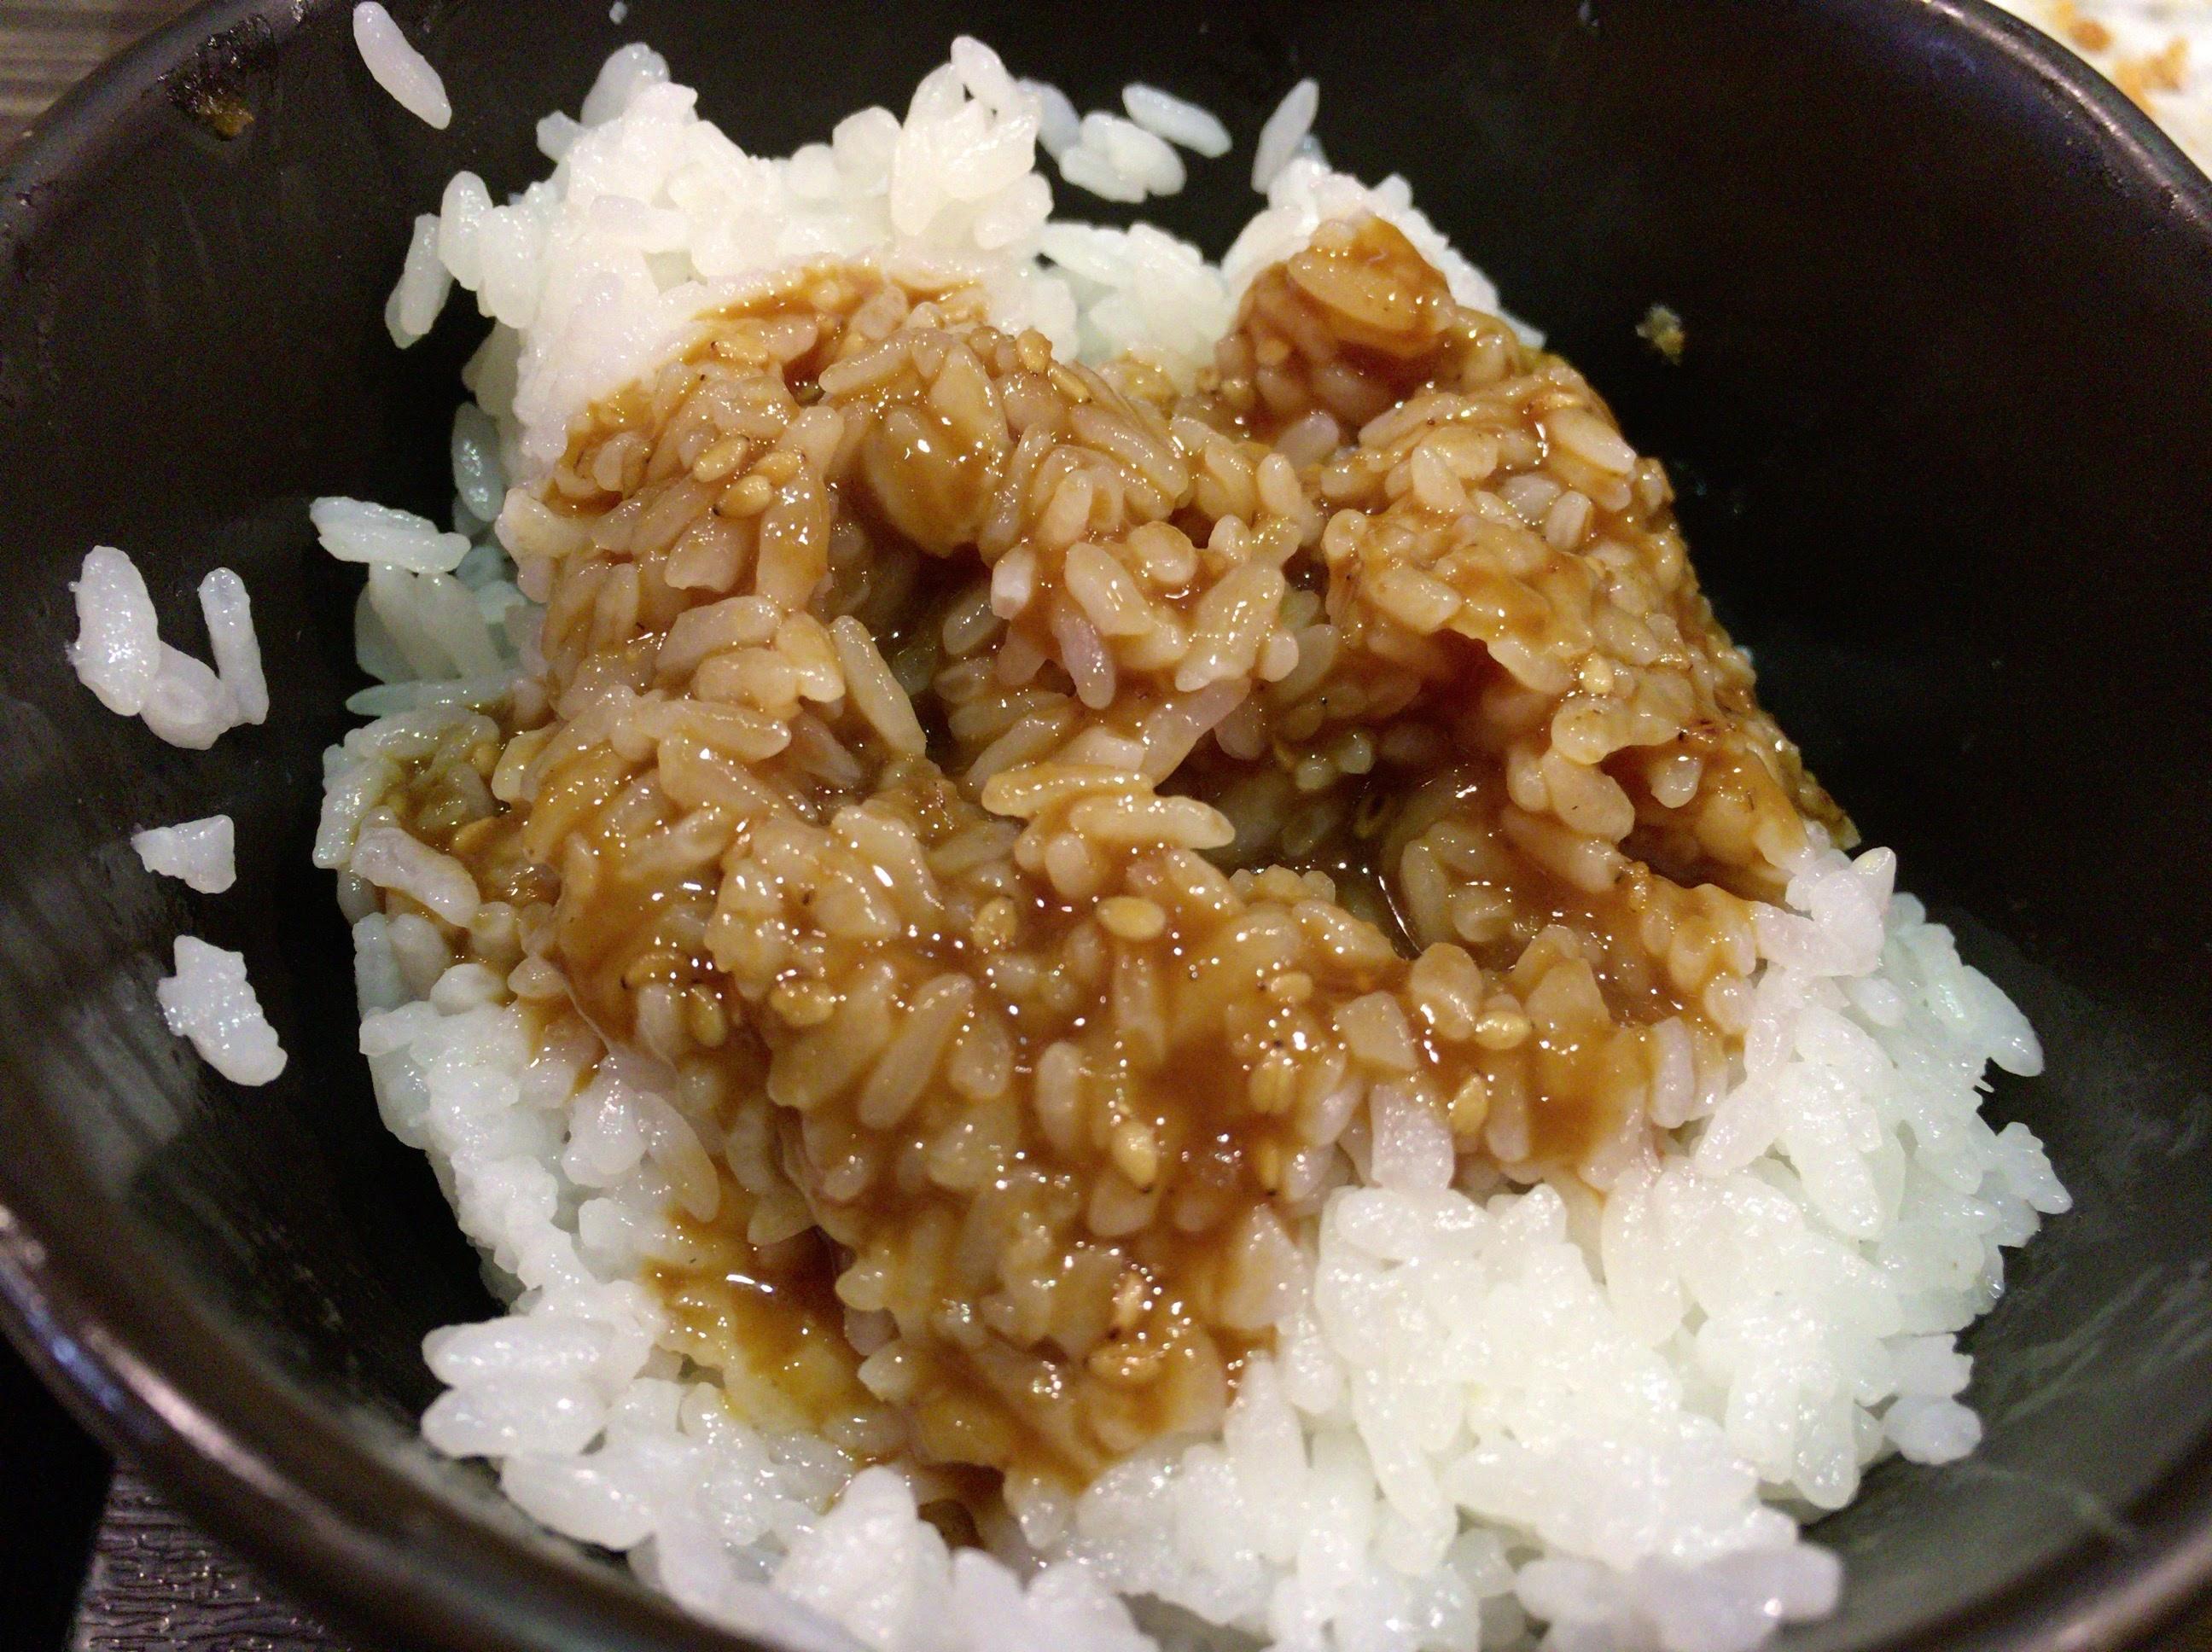 黒かつ亭 黒べぇ | 薩摩黒豚とんかつを鹿児島マラソンEXPOの合間に。ゴマ味噌タレで食べる白米と豚汁が止まらない!